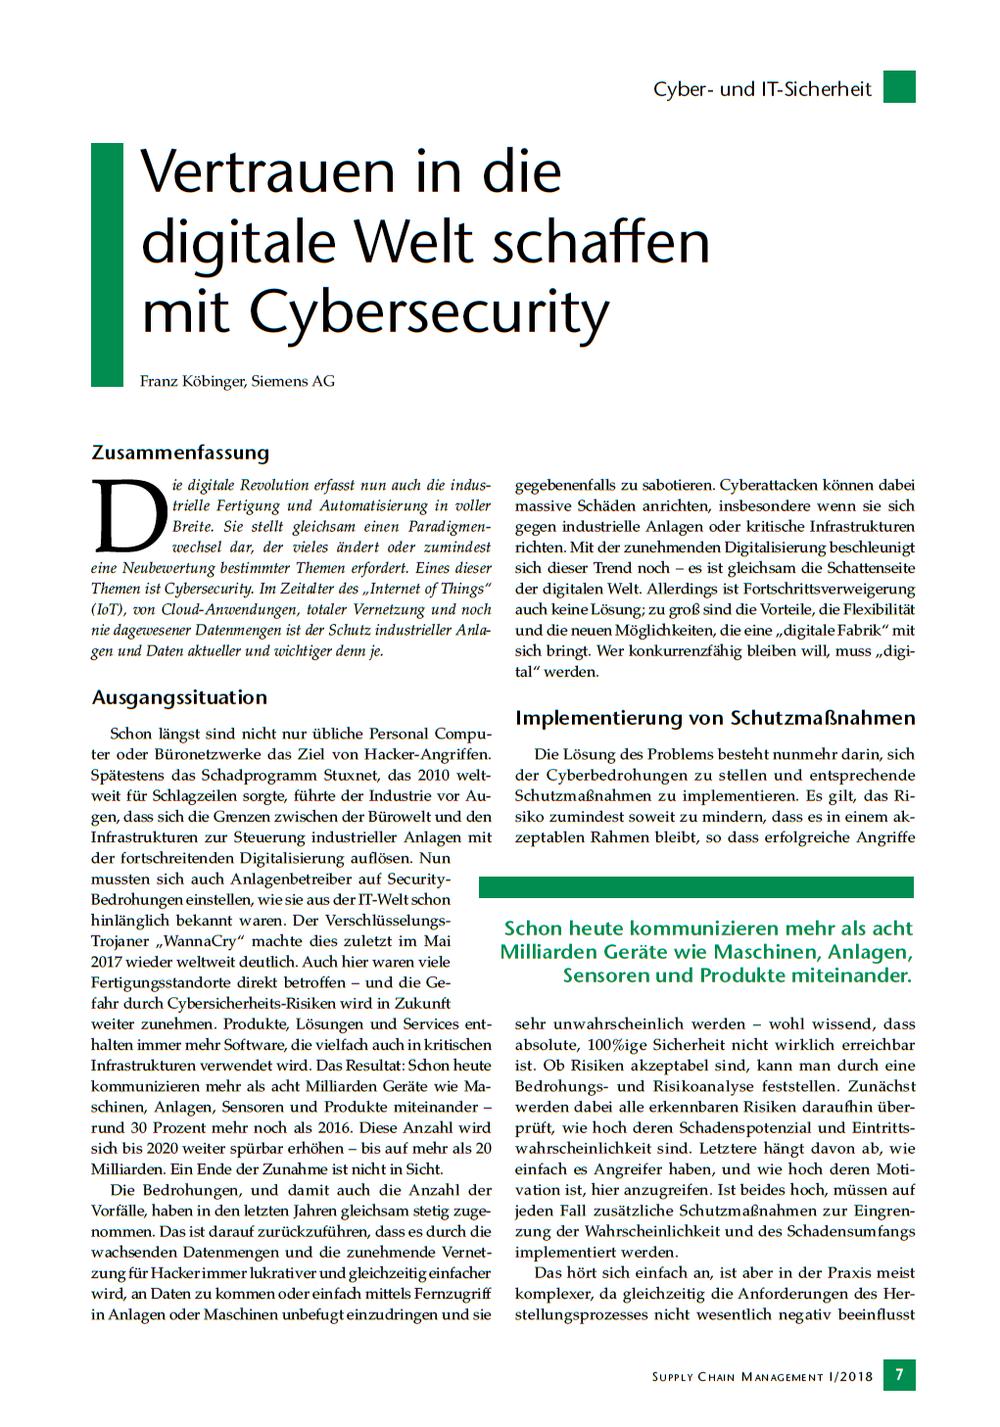 SCM 2018_I FDM Artikel 1 Cyber und IT Sicherheit Cover.png